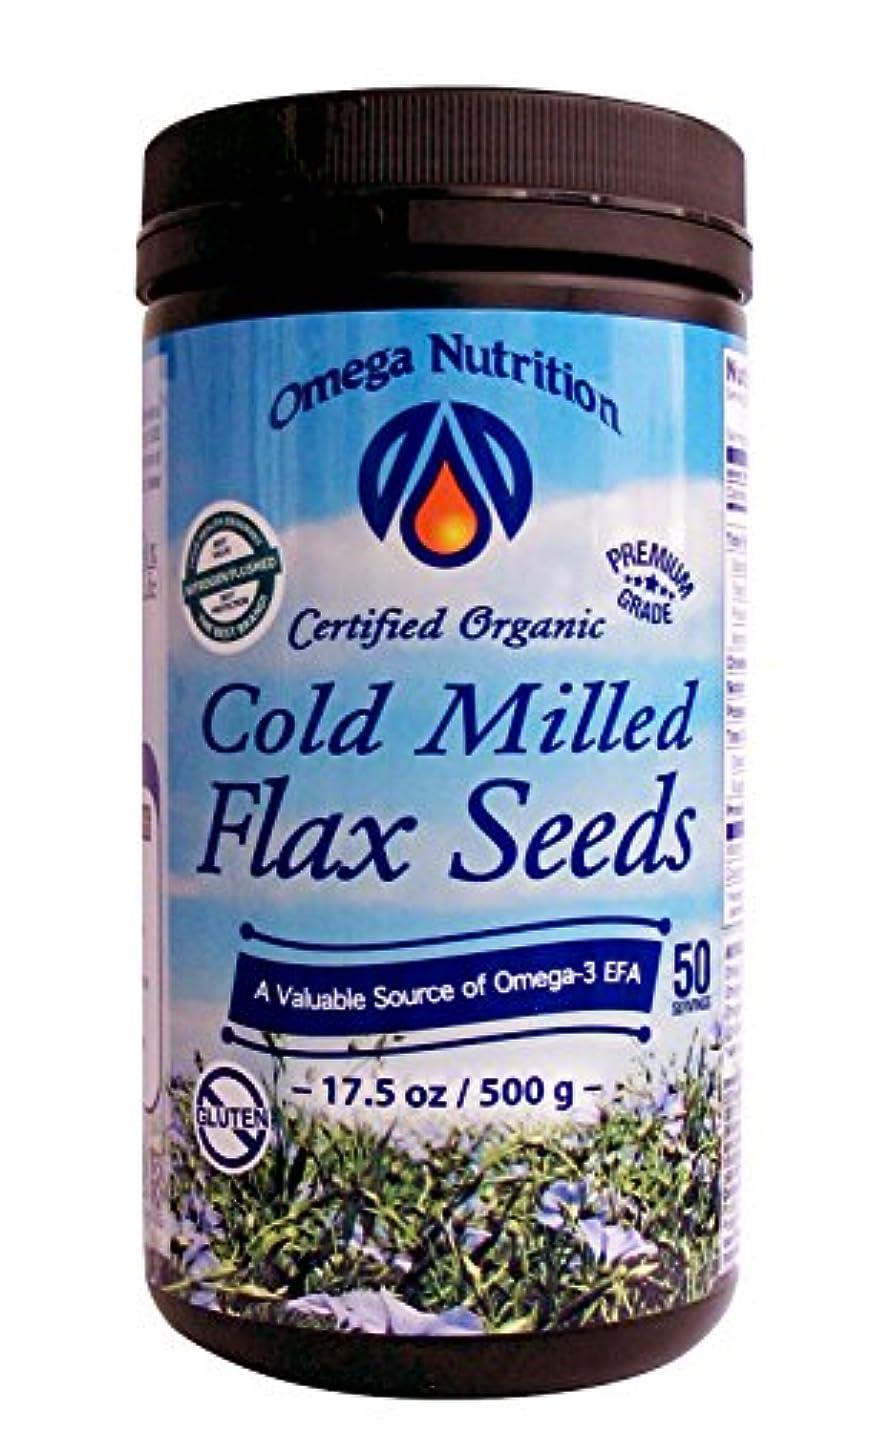 受け入れるカニカポック海外直送品Omega Nutrition Cold Milled Flax seeds, 17.5 Oz